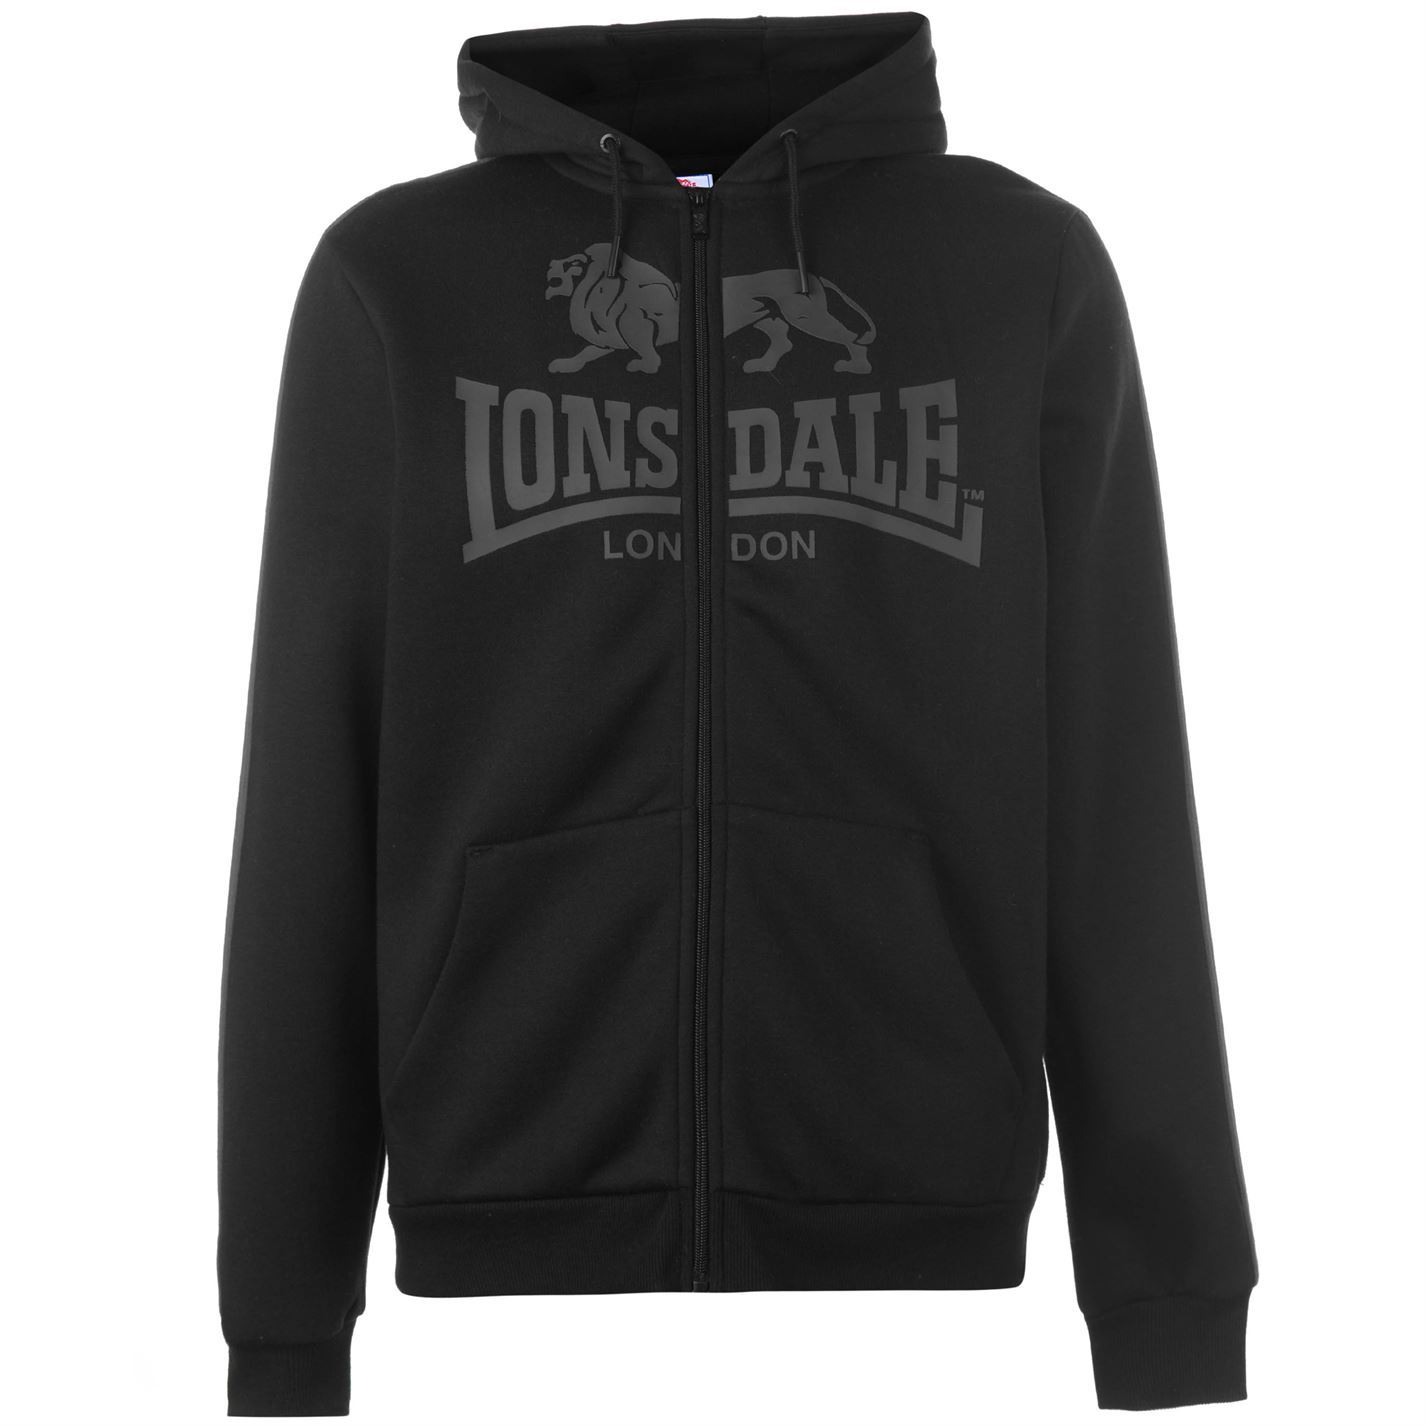 Lonsdale-2-Stripe-Logo-Full-Zip-Hoody-Mens-Hoodie-Top-Sweatshirt-Sweater thumbnail 9